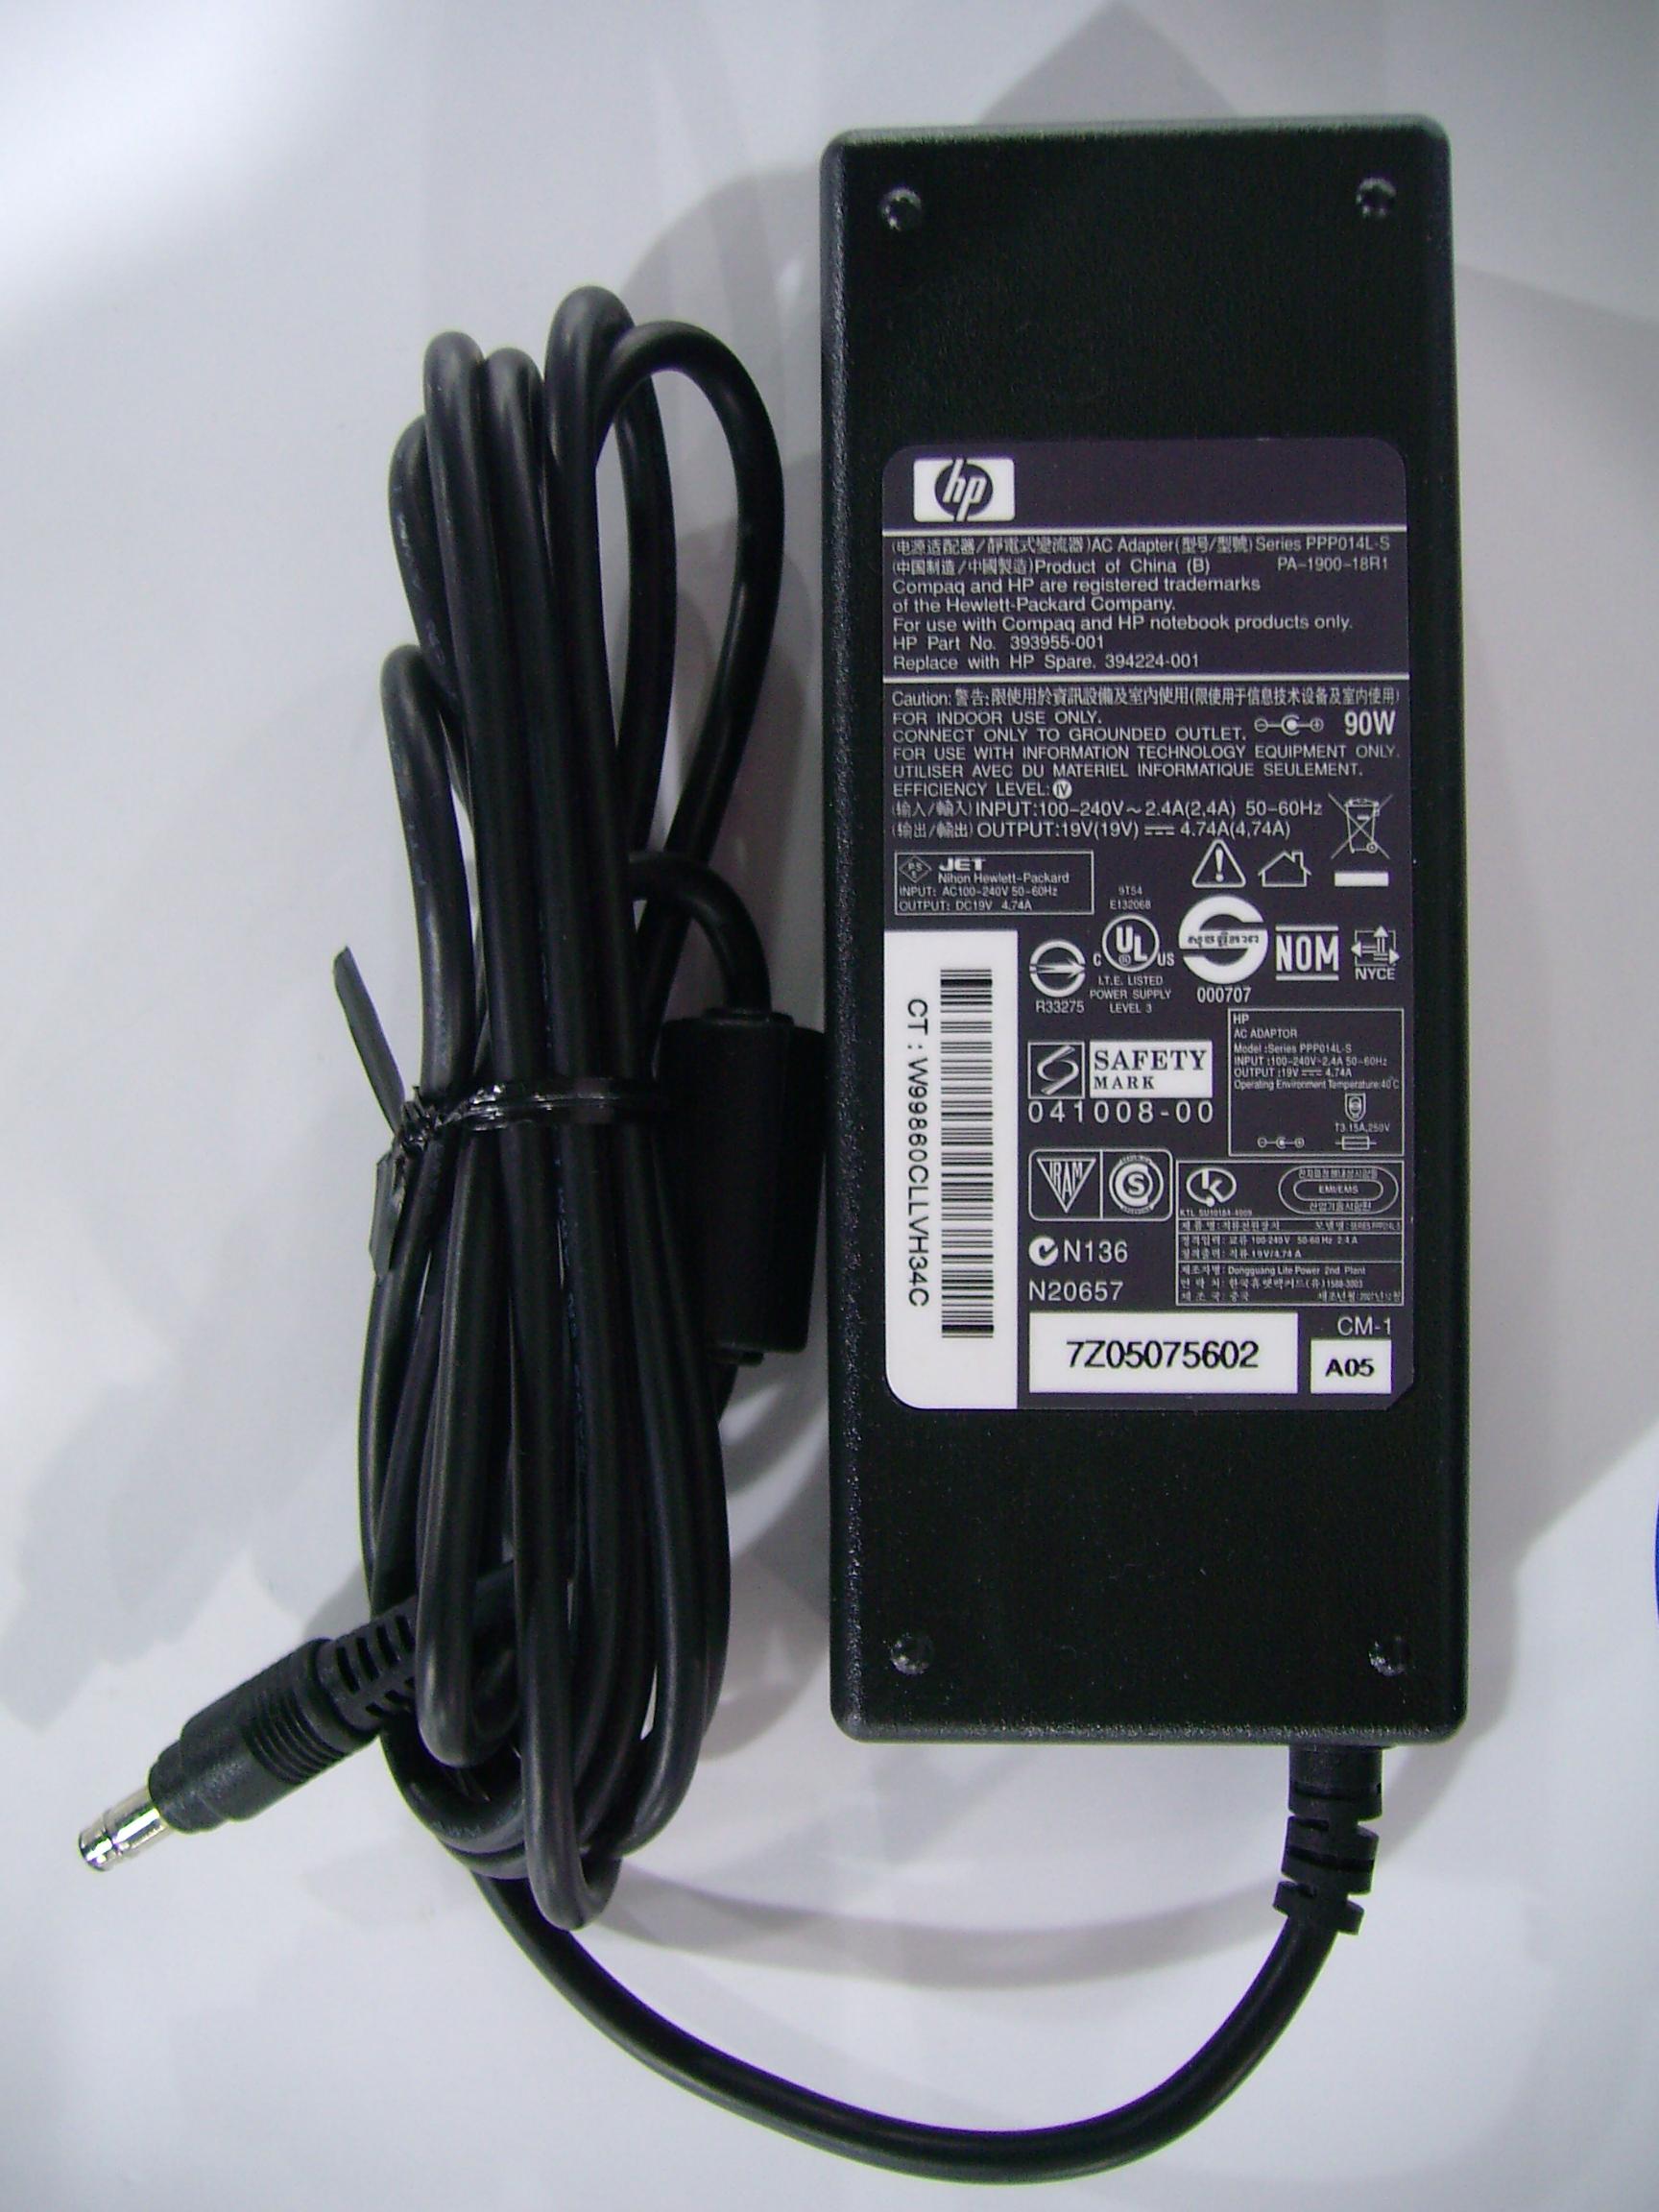 品牌/商标 惠普 本公司专业长期供应各类品牌/笔记本原装电源,质量